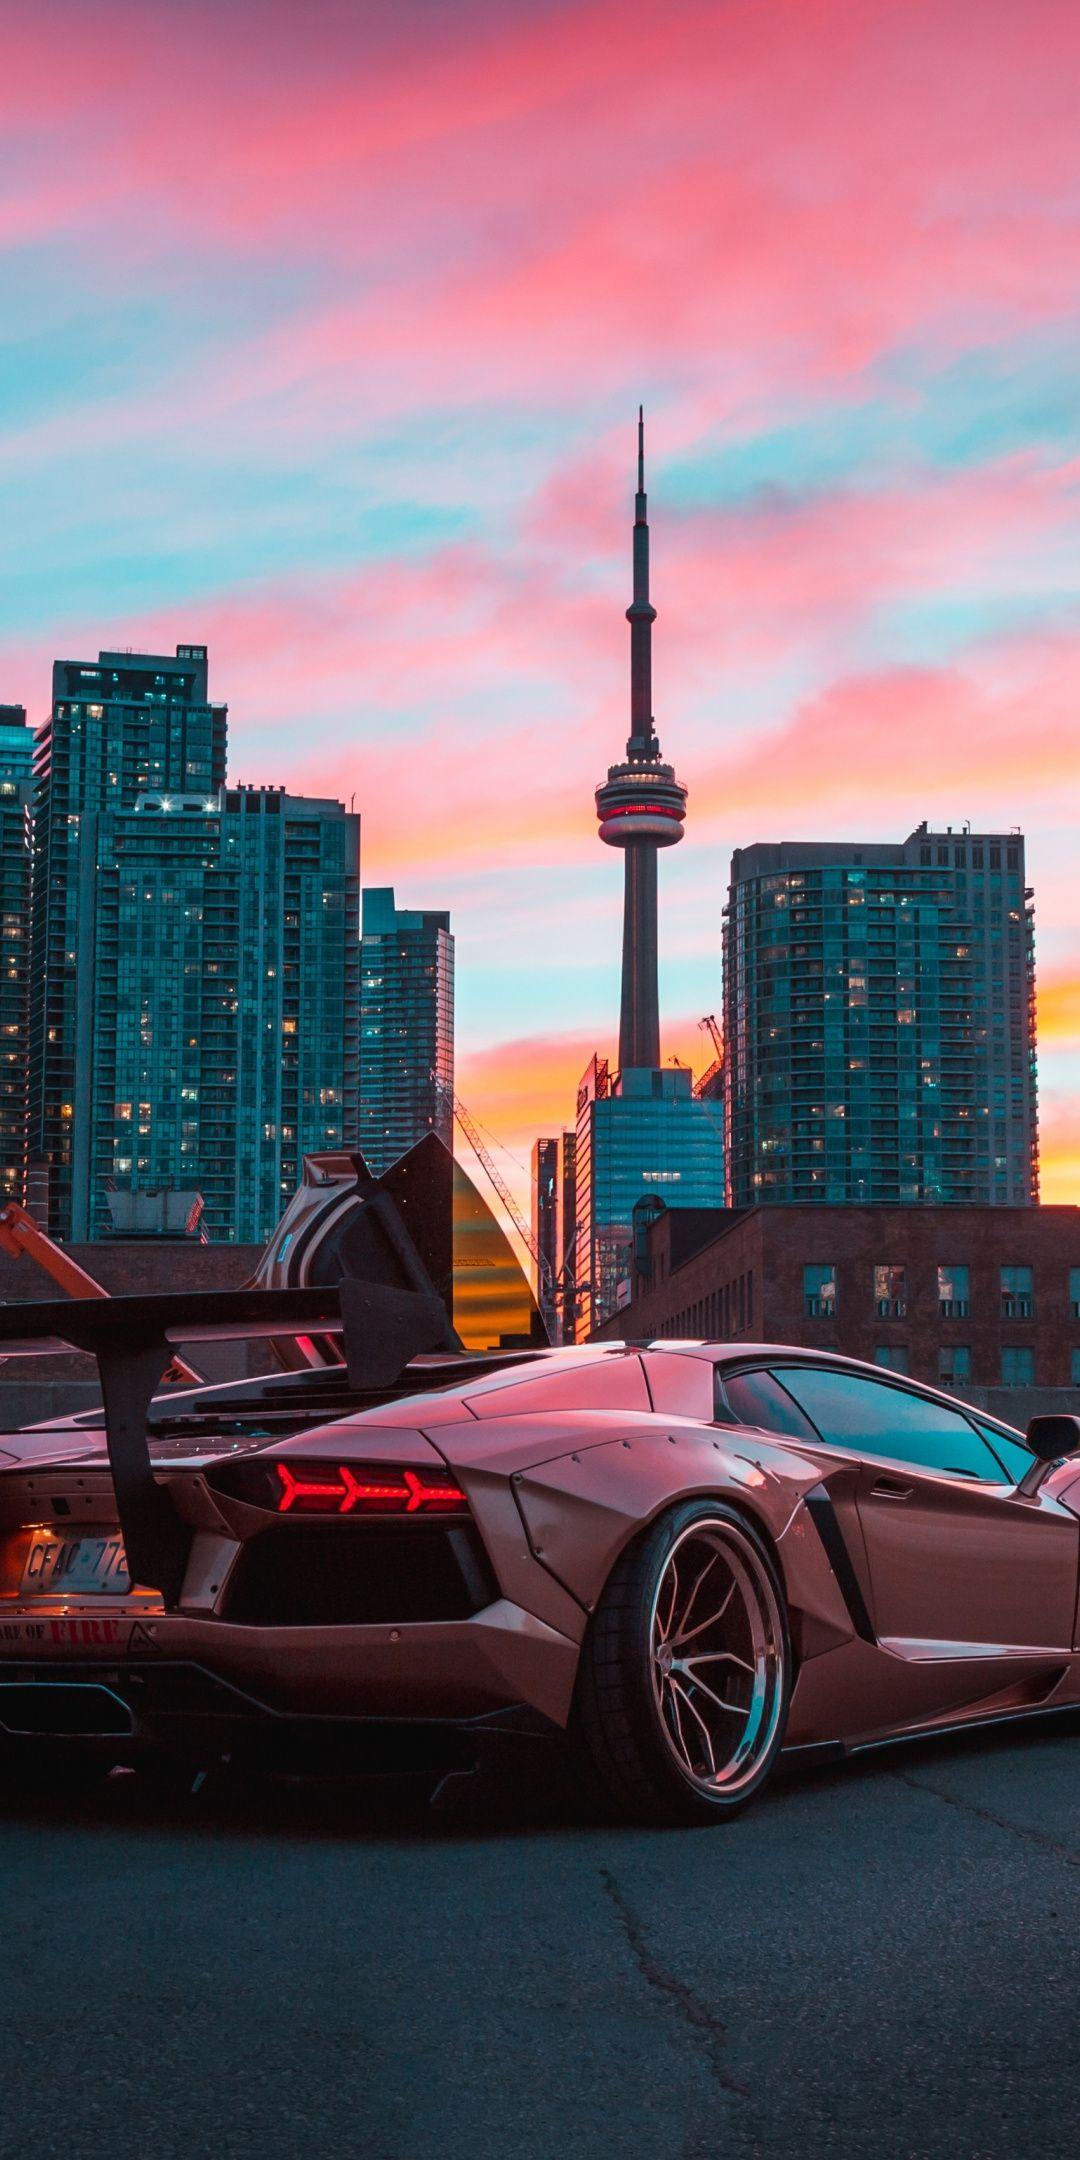 Cityscape Lamborghini Aventador Sports Car 1080x2160 Wallpaper Lamborghini Aventador Wallpaper Sports Car Wallpaper Sports Cars Mustang